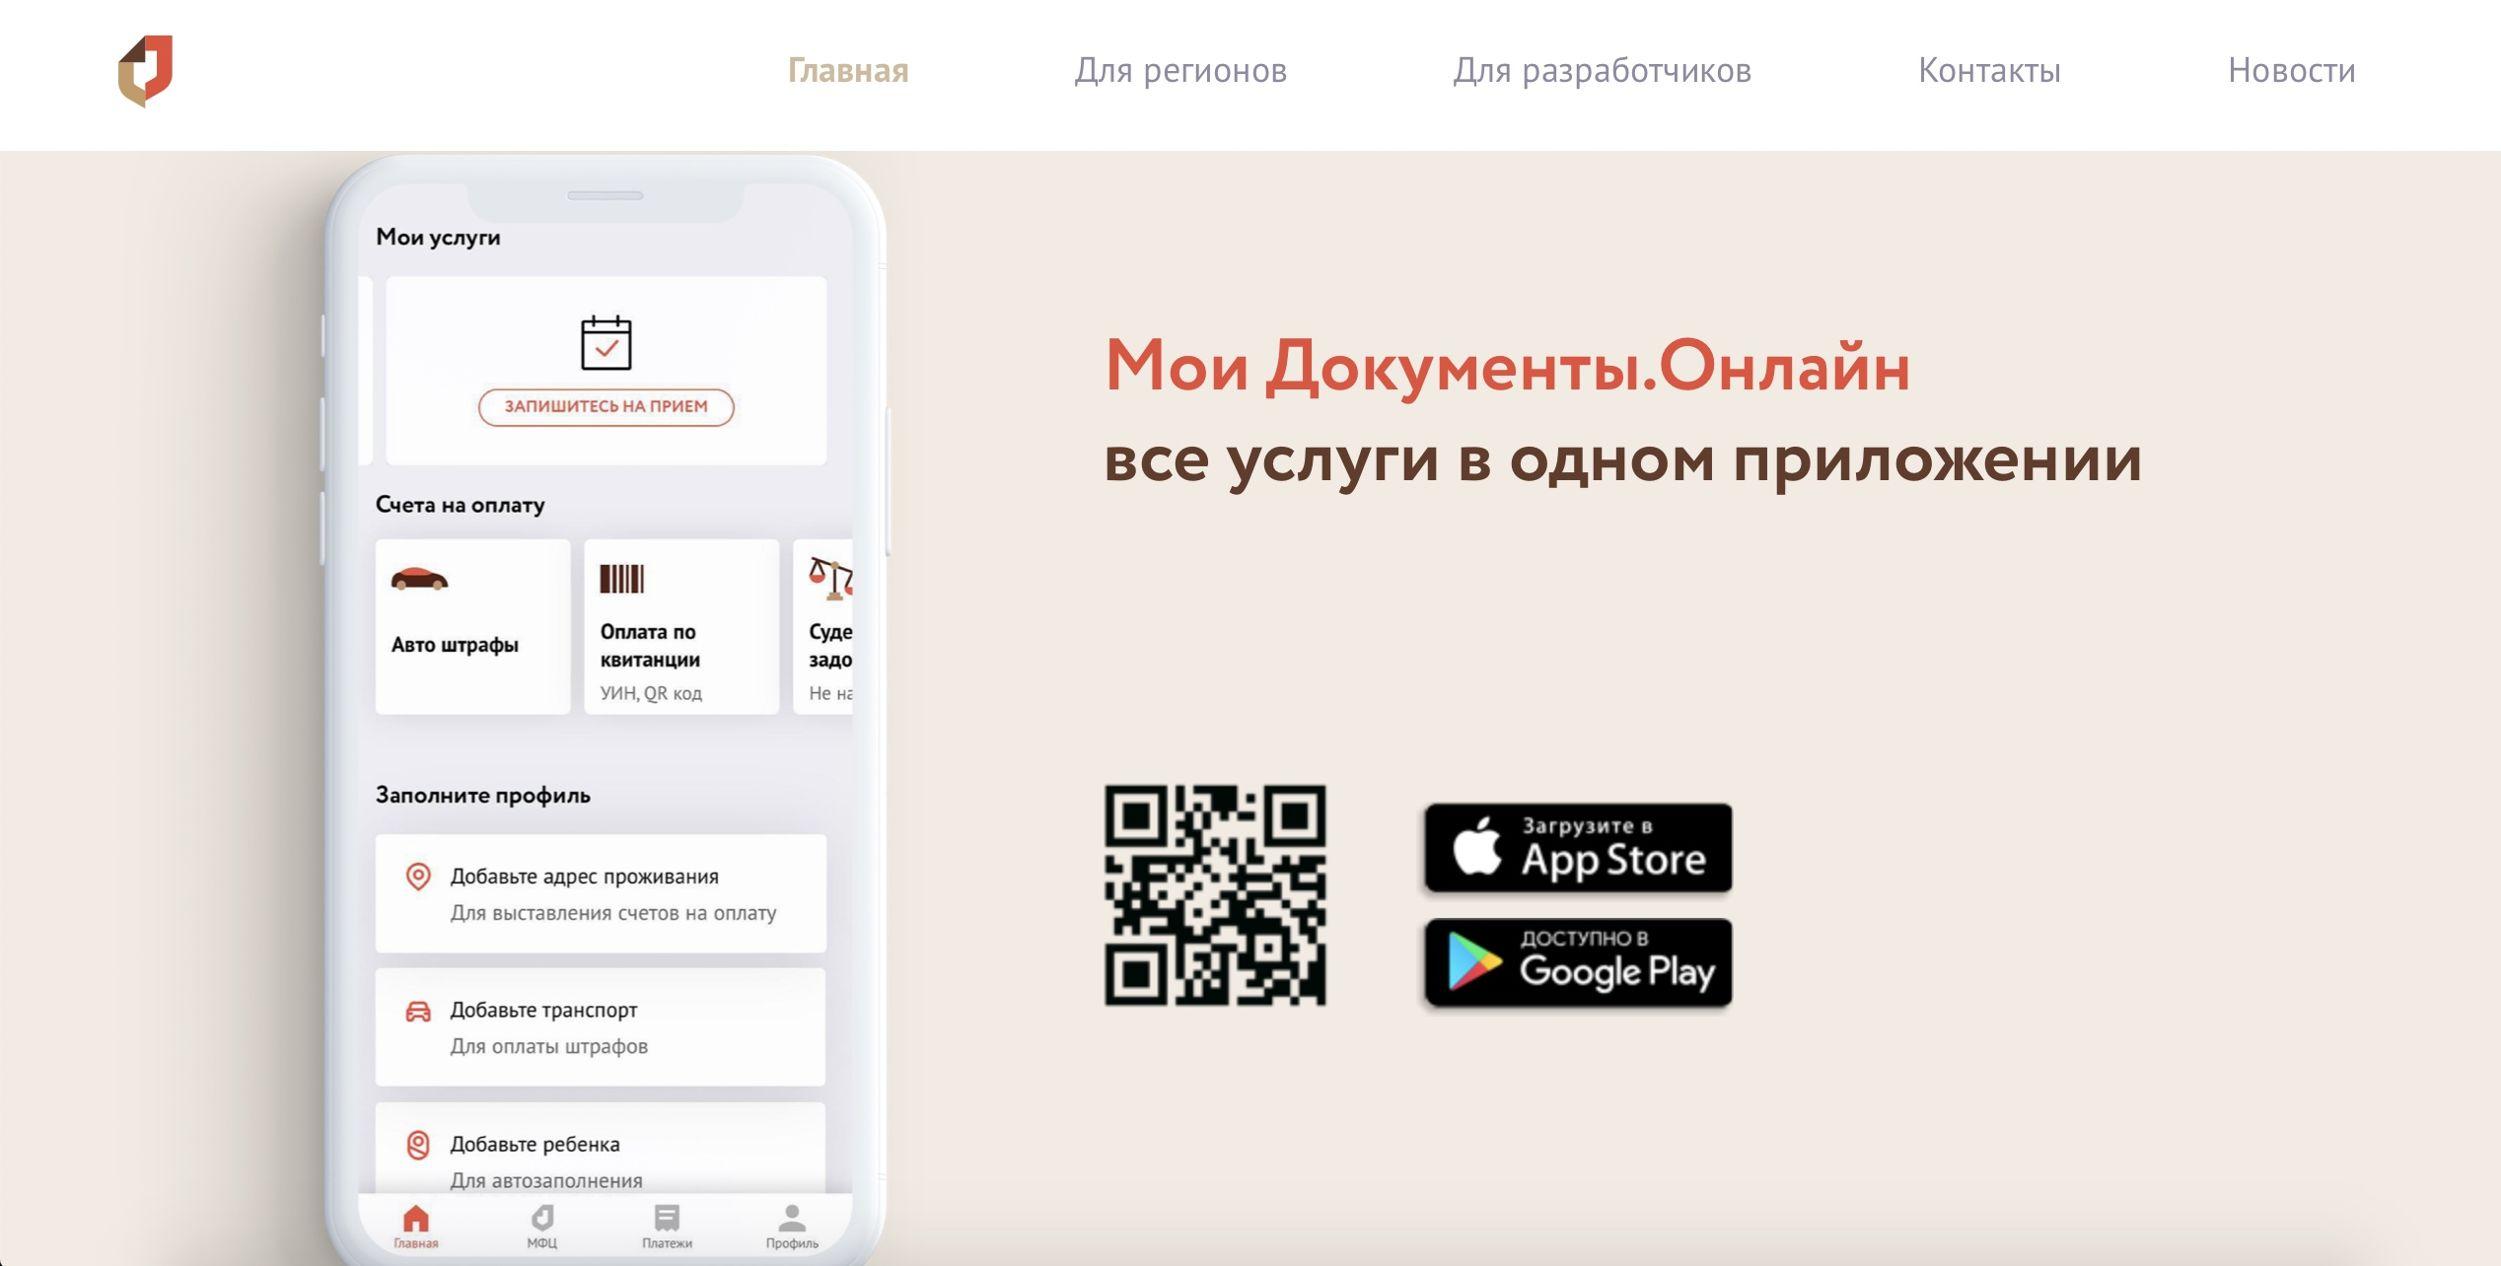 Жители Ярославской области могут воспользоваться мобильным приложением «Мои Документы. Онлайн»